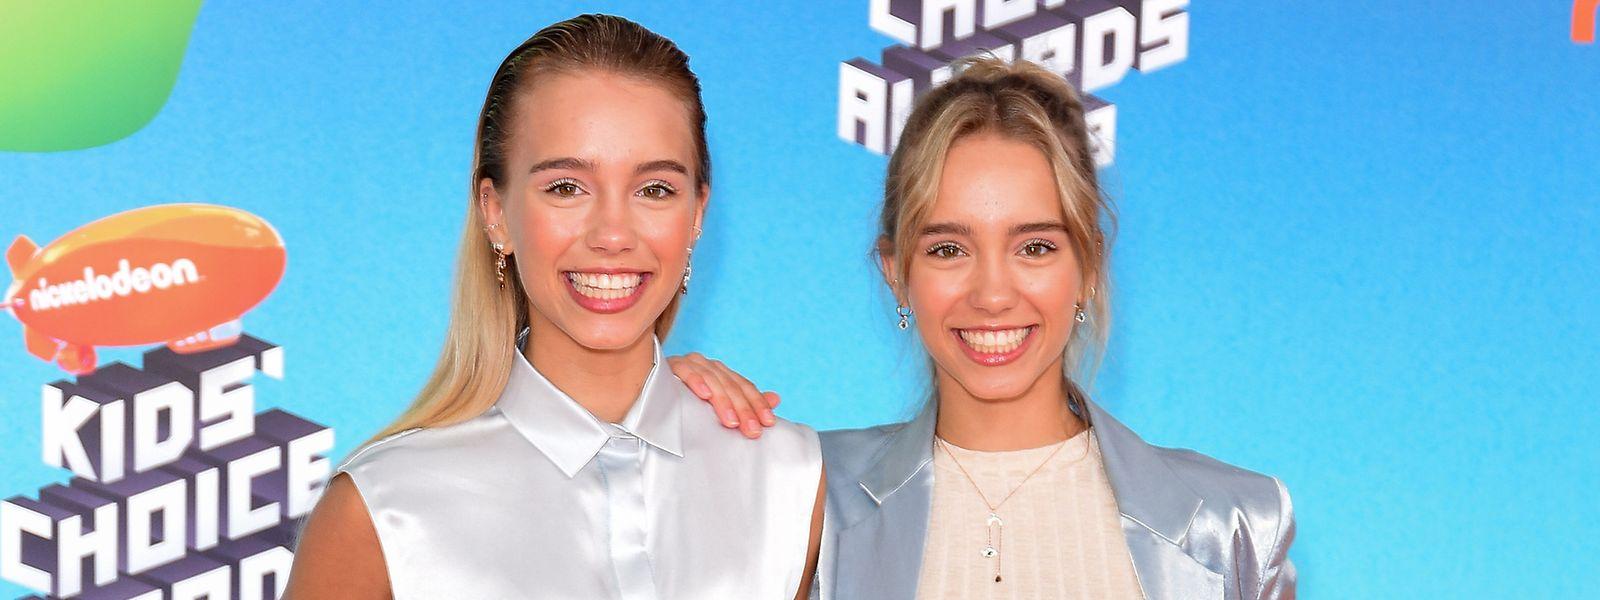 Die deutschen Zwillinge Lena und Lisa sind die größten Stars der Plattform Tiktok. Sie haben mehr als 32,7 Millionen Follower aus aller Welt. Auch auf Instagram sind die Teenager gefragt: Dort folgen ihnen 14,3 Millionen Menschen – Tendenz steigend.